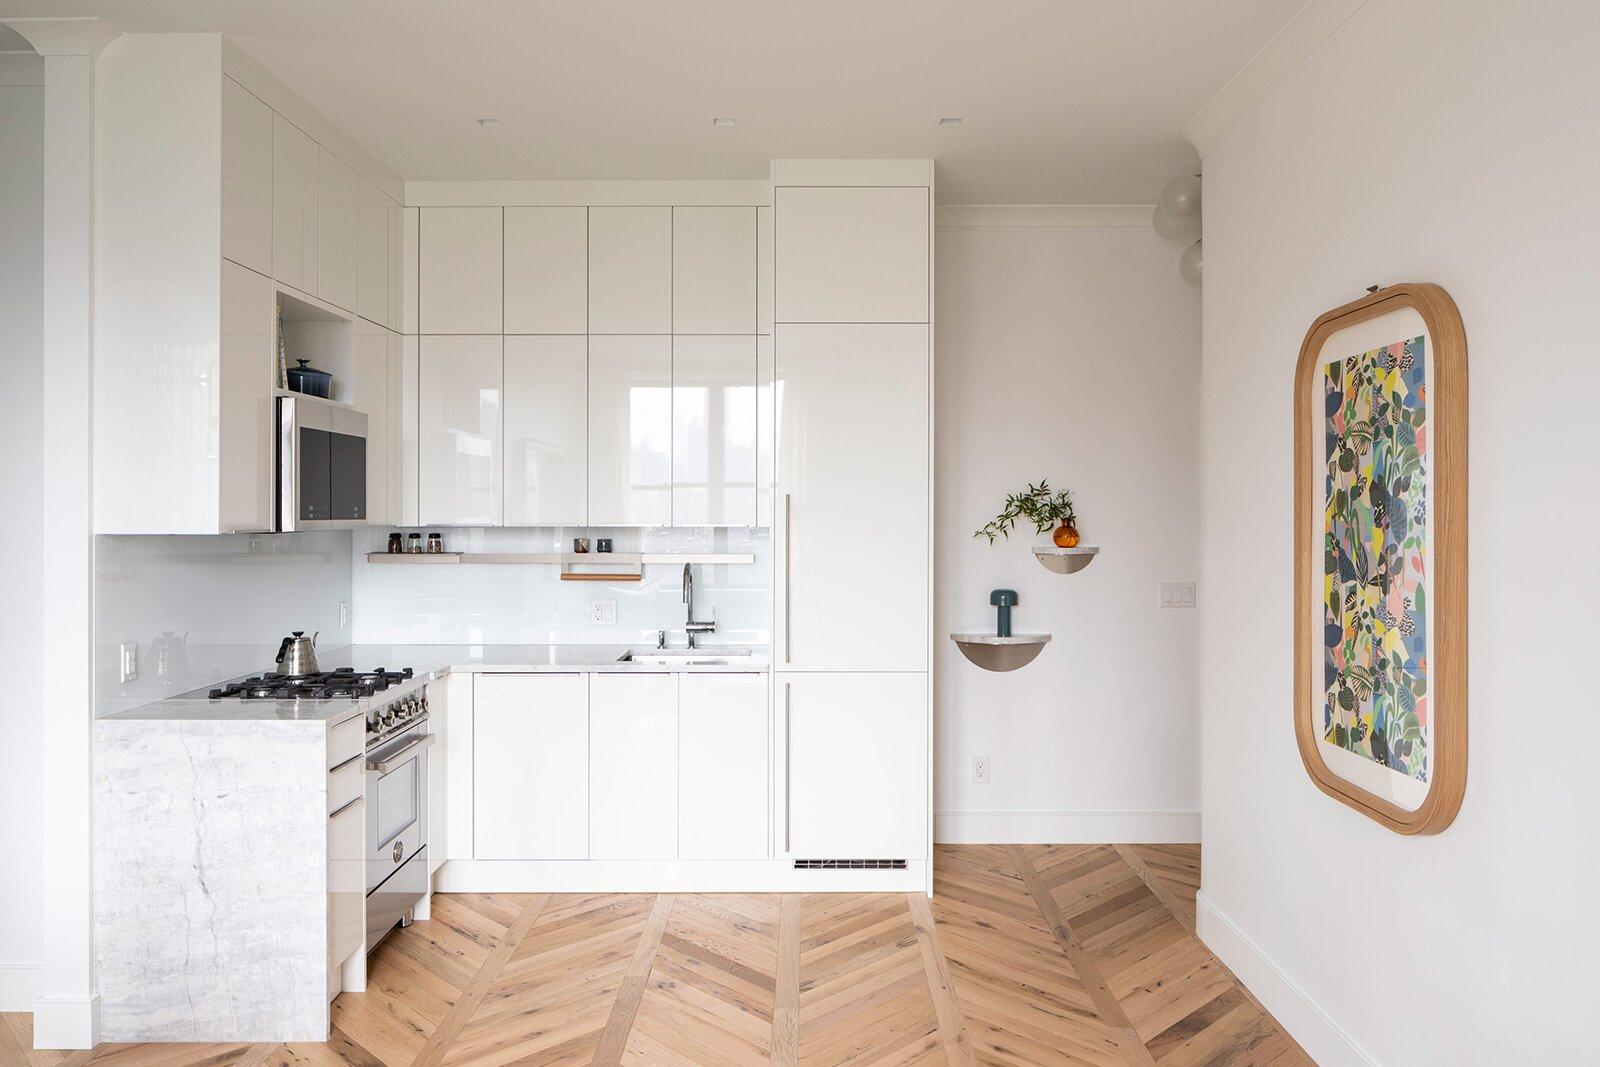 Durodeco Upper West Side Studio kitchen